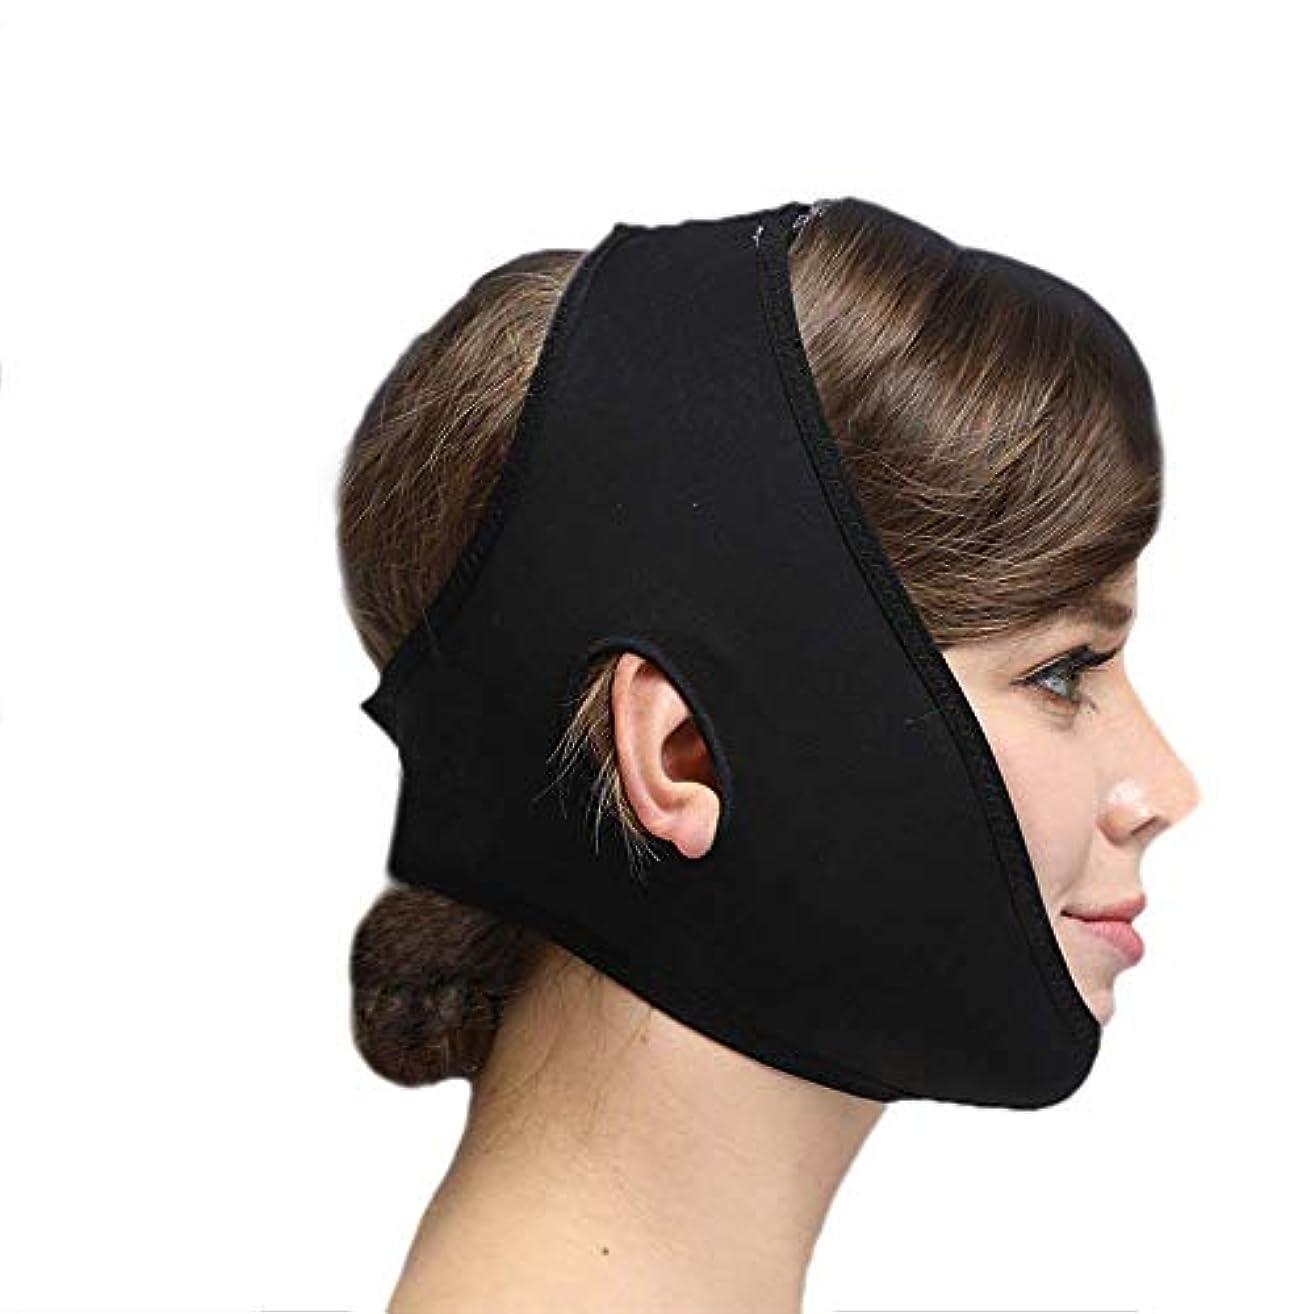 拒否インゲンお酢フェイススリミングマスク、快適さと通気性、フェイシャルリフティング、輪郭の改善された硬さ、ファーミングとリフティングフェイス(カラー:ブラック、サイズ:XL),ブラック2、L